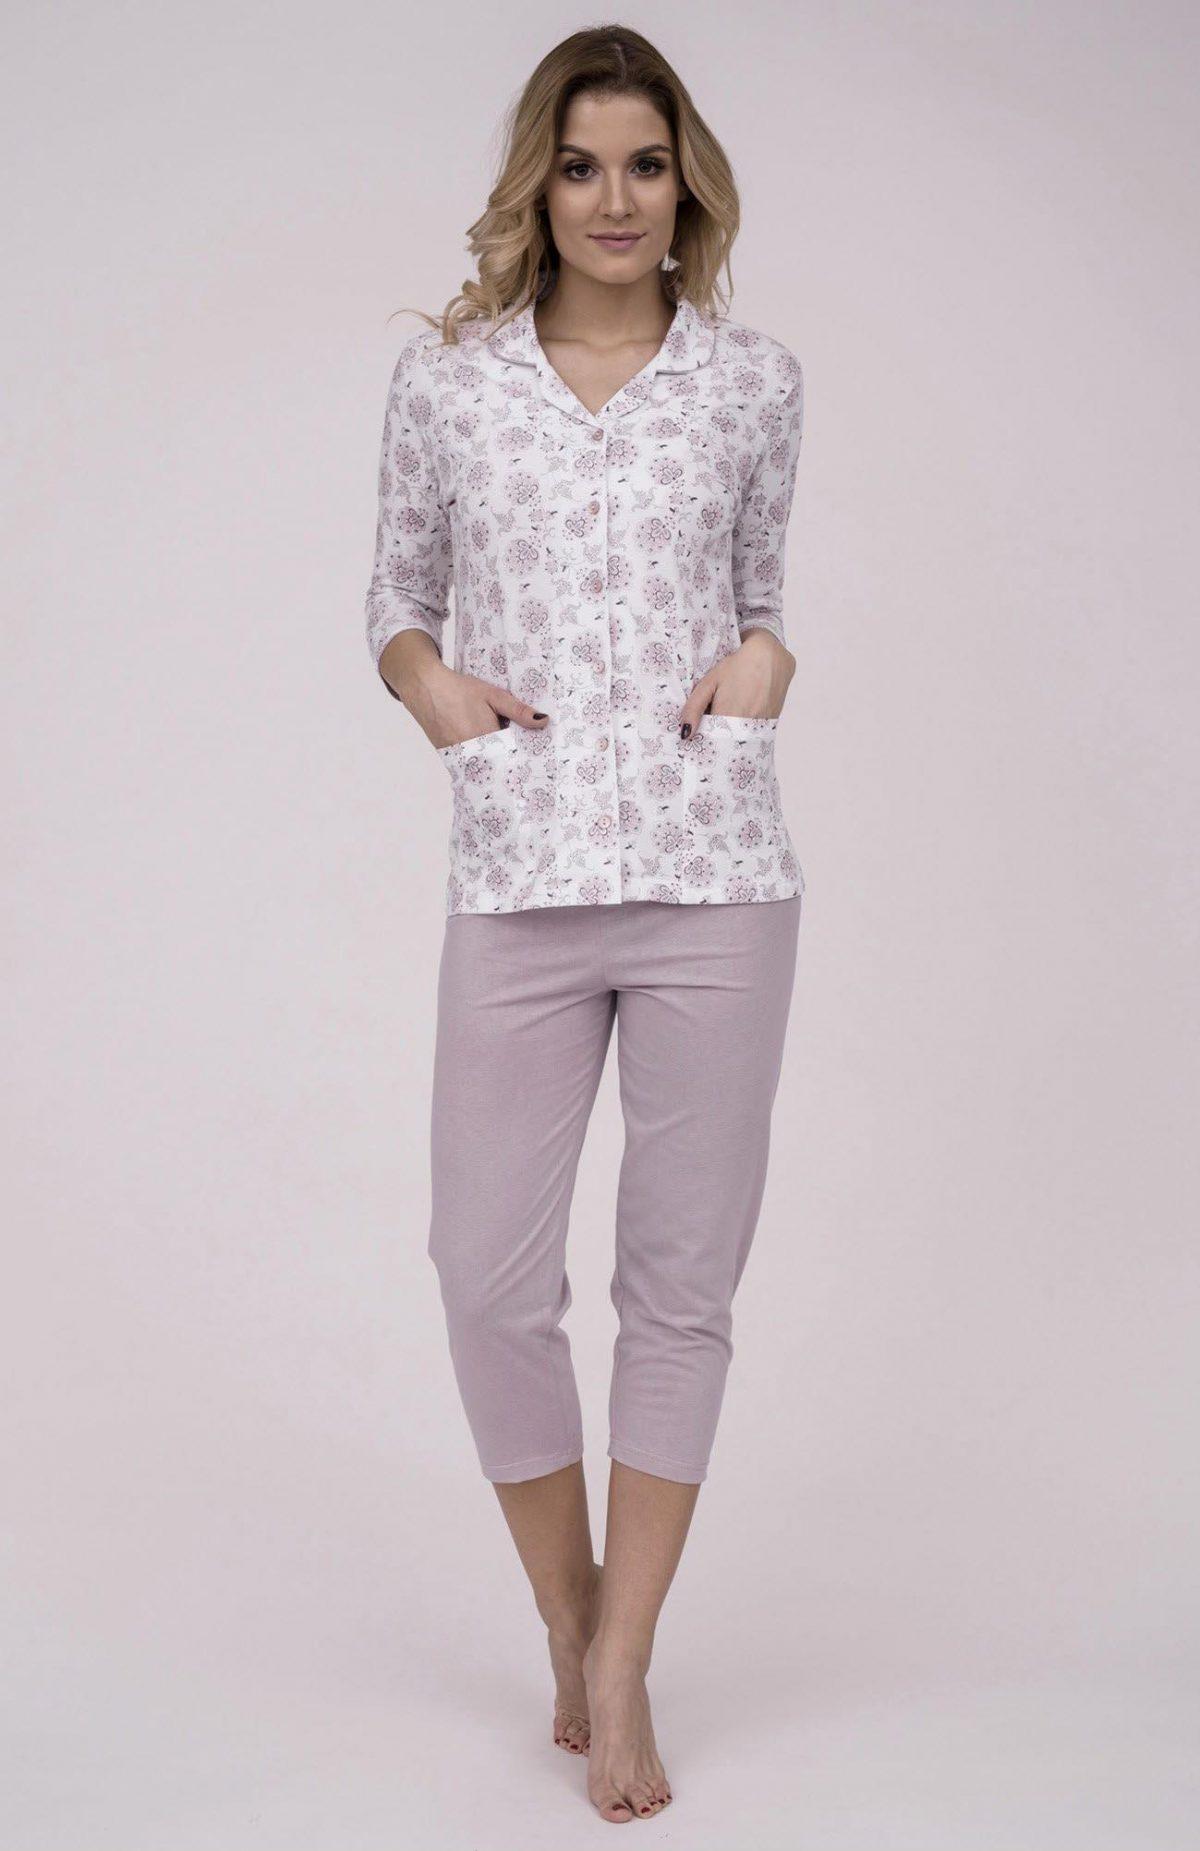 Dámske bavlnené pyžamo Cana 181. Prinášame Vám novú kolekciu dámske pyžamá jar-leto 2018. Moderné, pohodlné, luxusné a zároveň cenovo veľmi prístupne dámske pyžamá, ktoré nájdete v našej ponuke. Celý komplet je vyrobený z veľmi kvalitného a príjemného materiálu. Farebné prevedenie biela košieľka s ružovým kvetinovým motívom. Košieľka sa zapína na gombíky po celej dĺžke, doplnená dvoma vreckami. Nohavice 3/4 dĺžky sú v ružovej farbe. Materiálové zloženie: 100% bavlna Dostupné veľkosti: S, M, L, XL a taktiež XXL. Tabuľka veľkosti viď. spodná časť stránky Vyrobené v EÚ